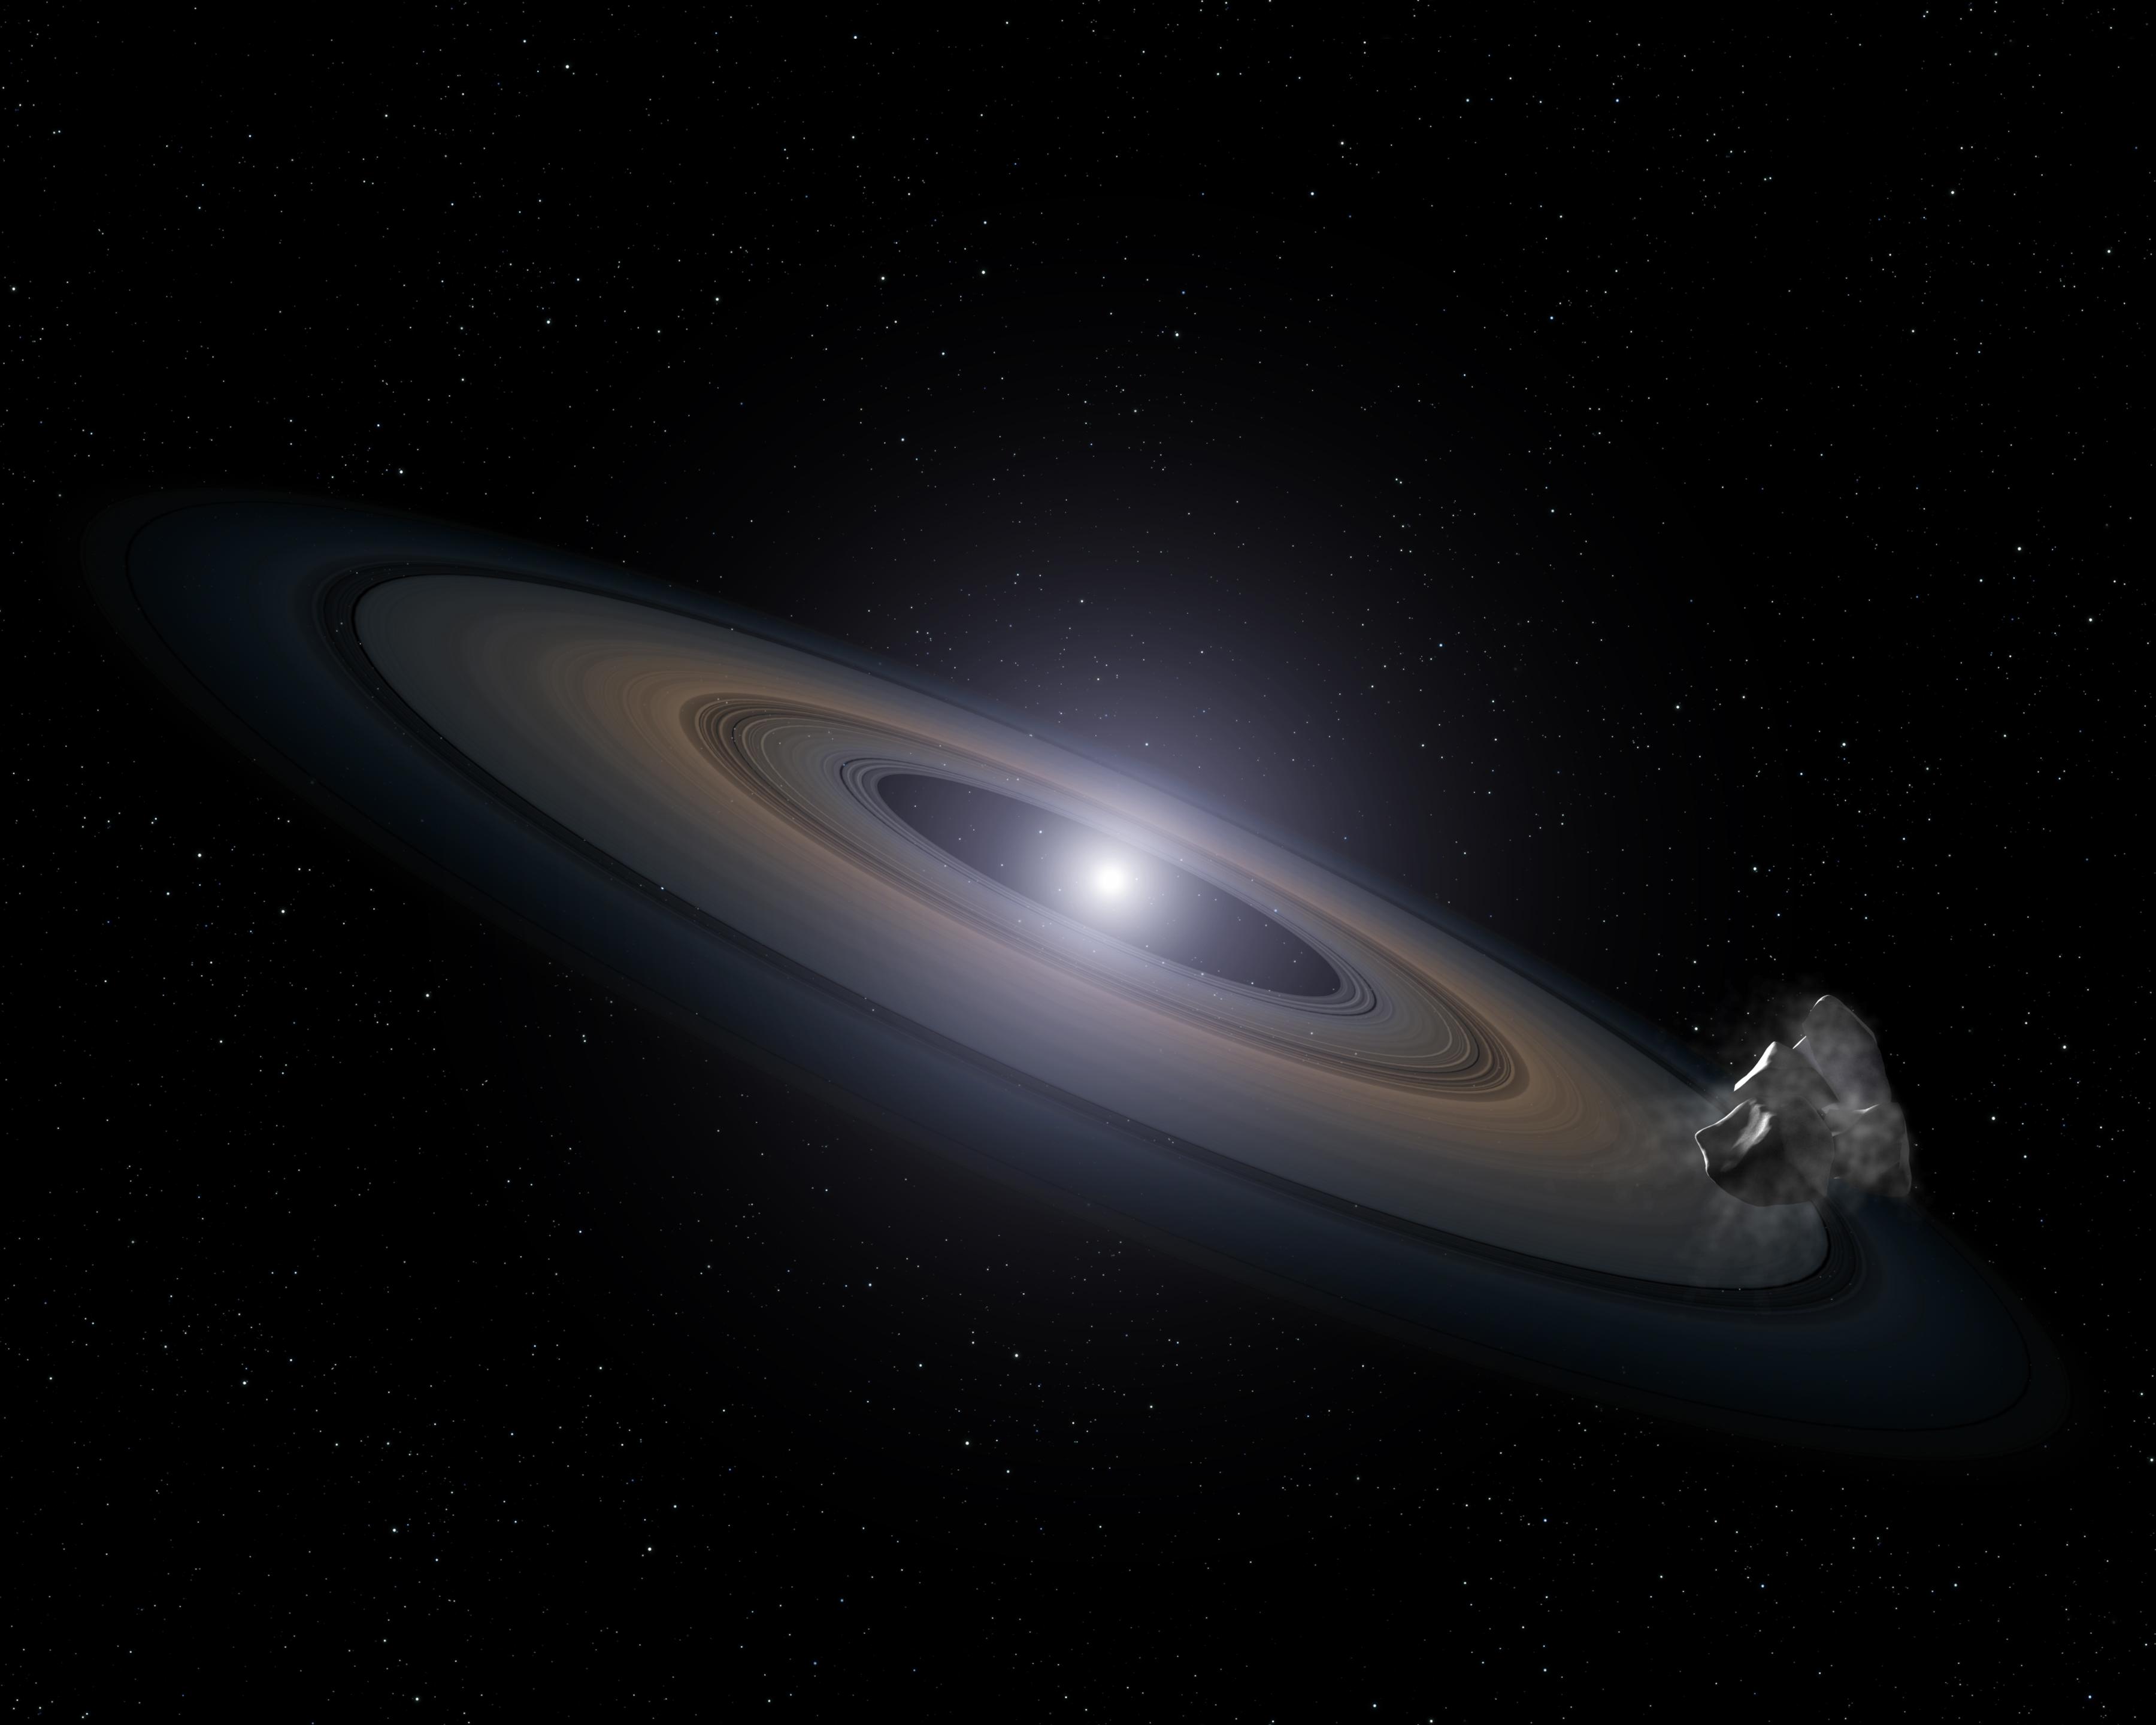 กล้องโทรทรรศน์อวกาศฮับเบิลของนาซ่าพบดาวที่ตายแล้ว